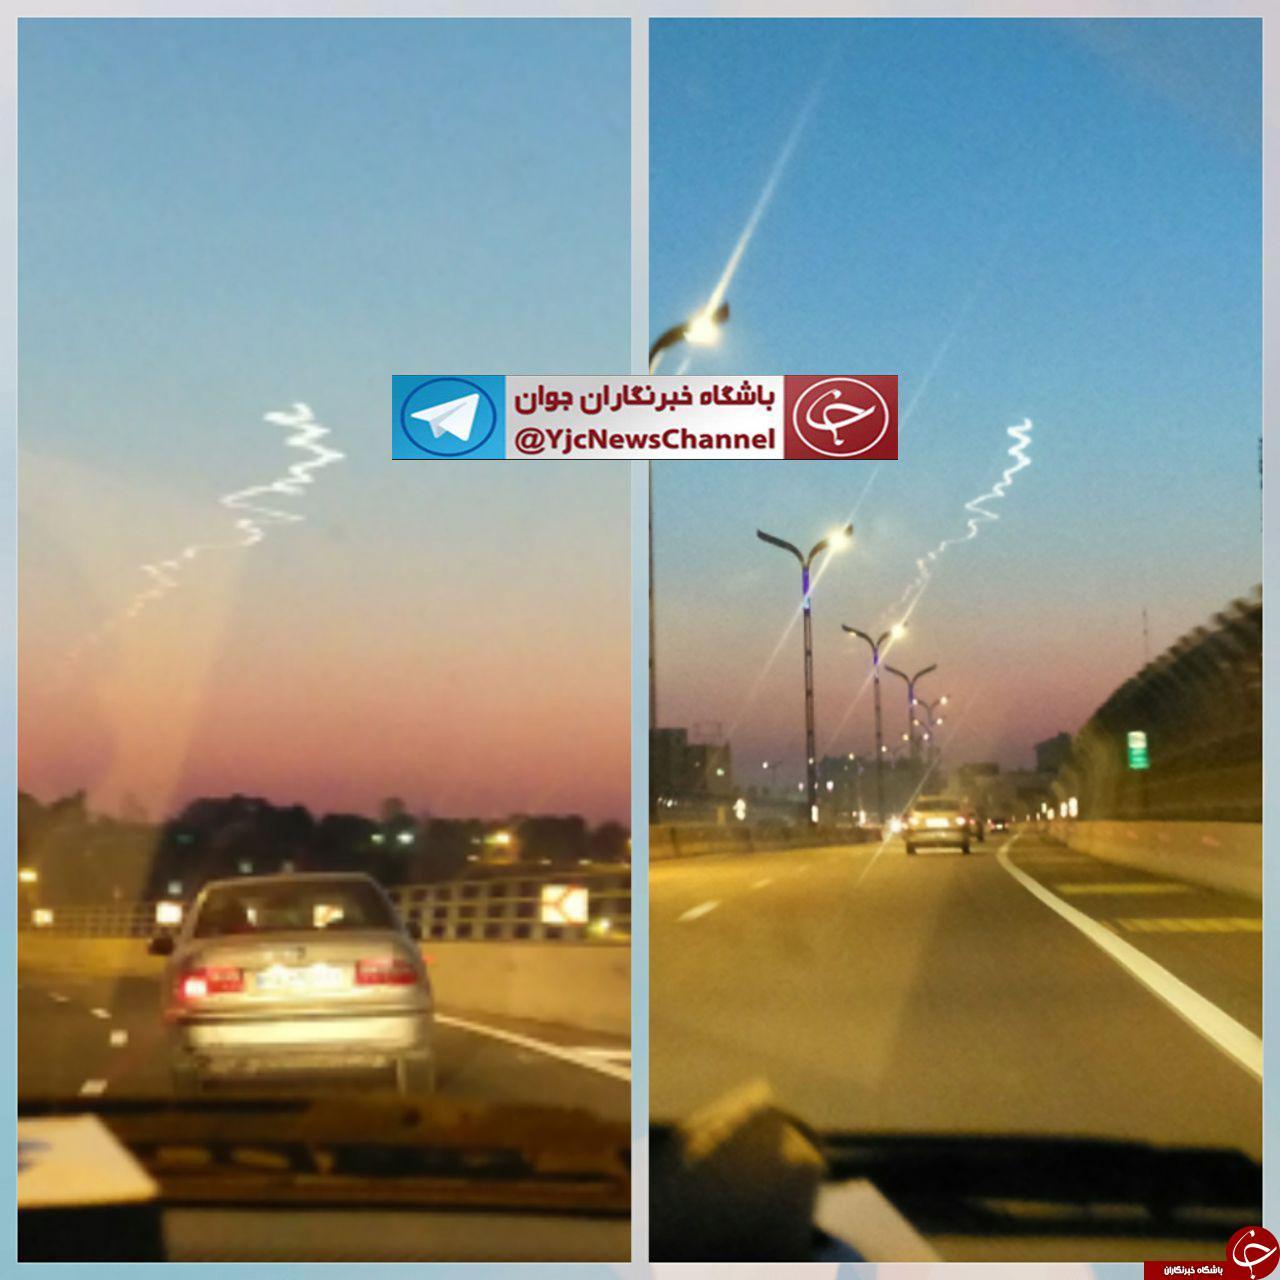 دود دیده شده در شهر تهران ناشی از تمرین تاکتیکی پرندههای بال ثابت و متغیر و پهپادهای هوا فضای سپاه بوده است